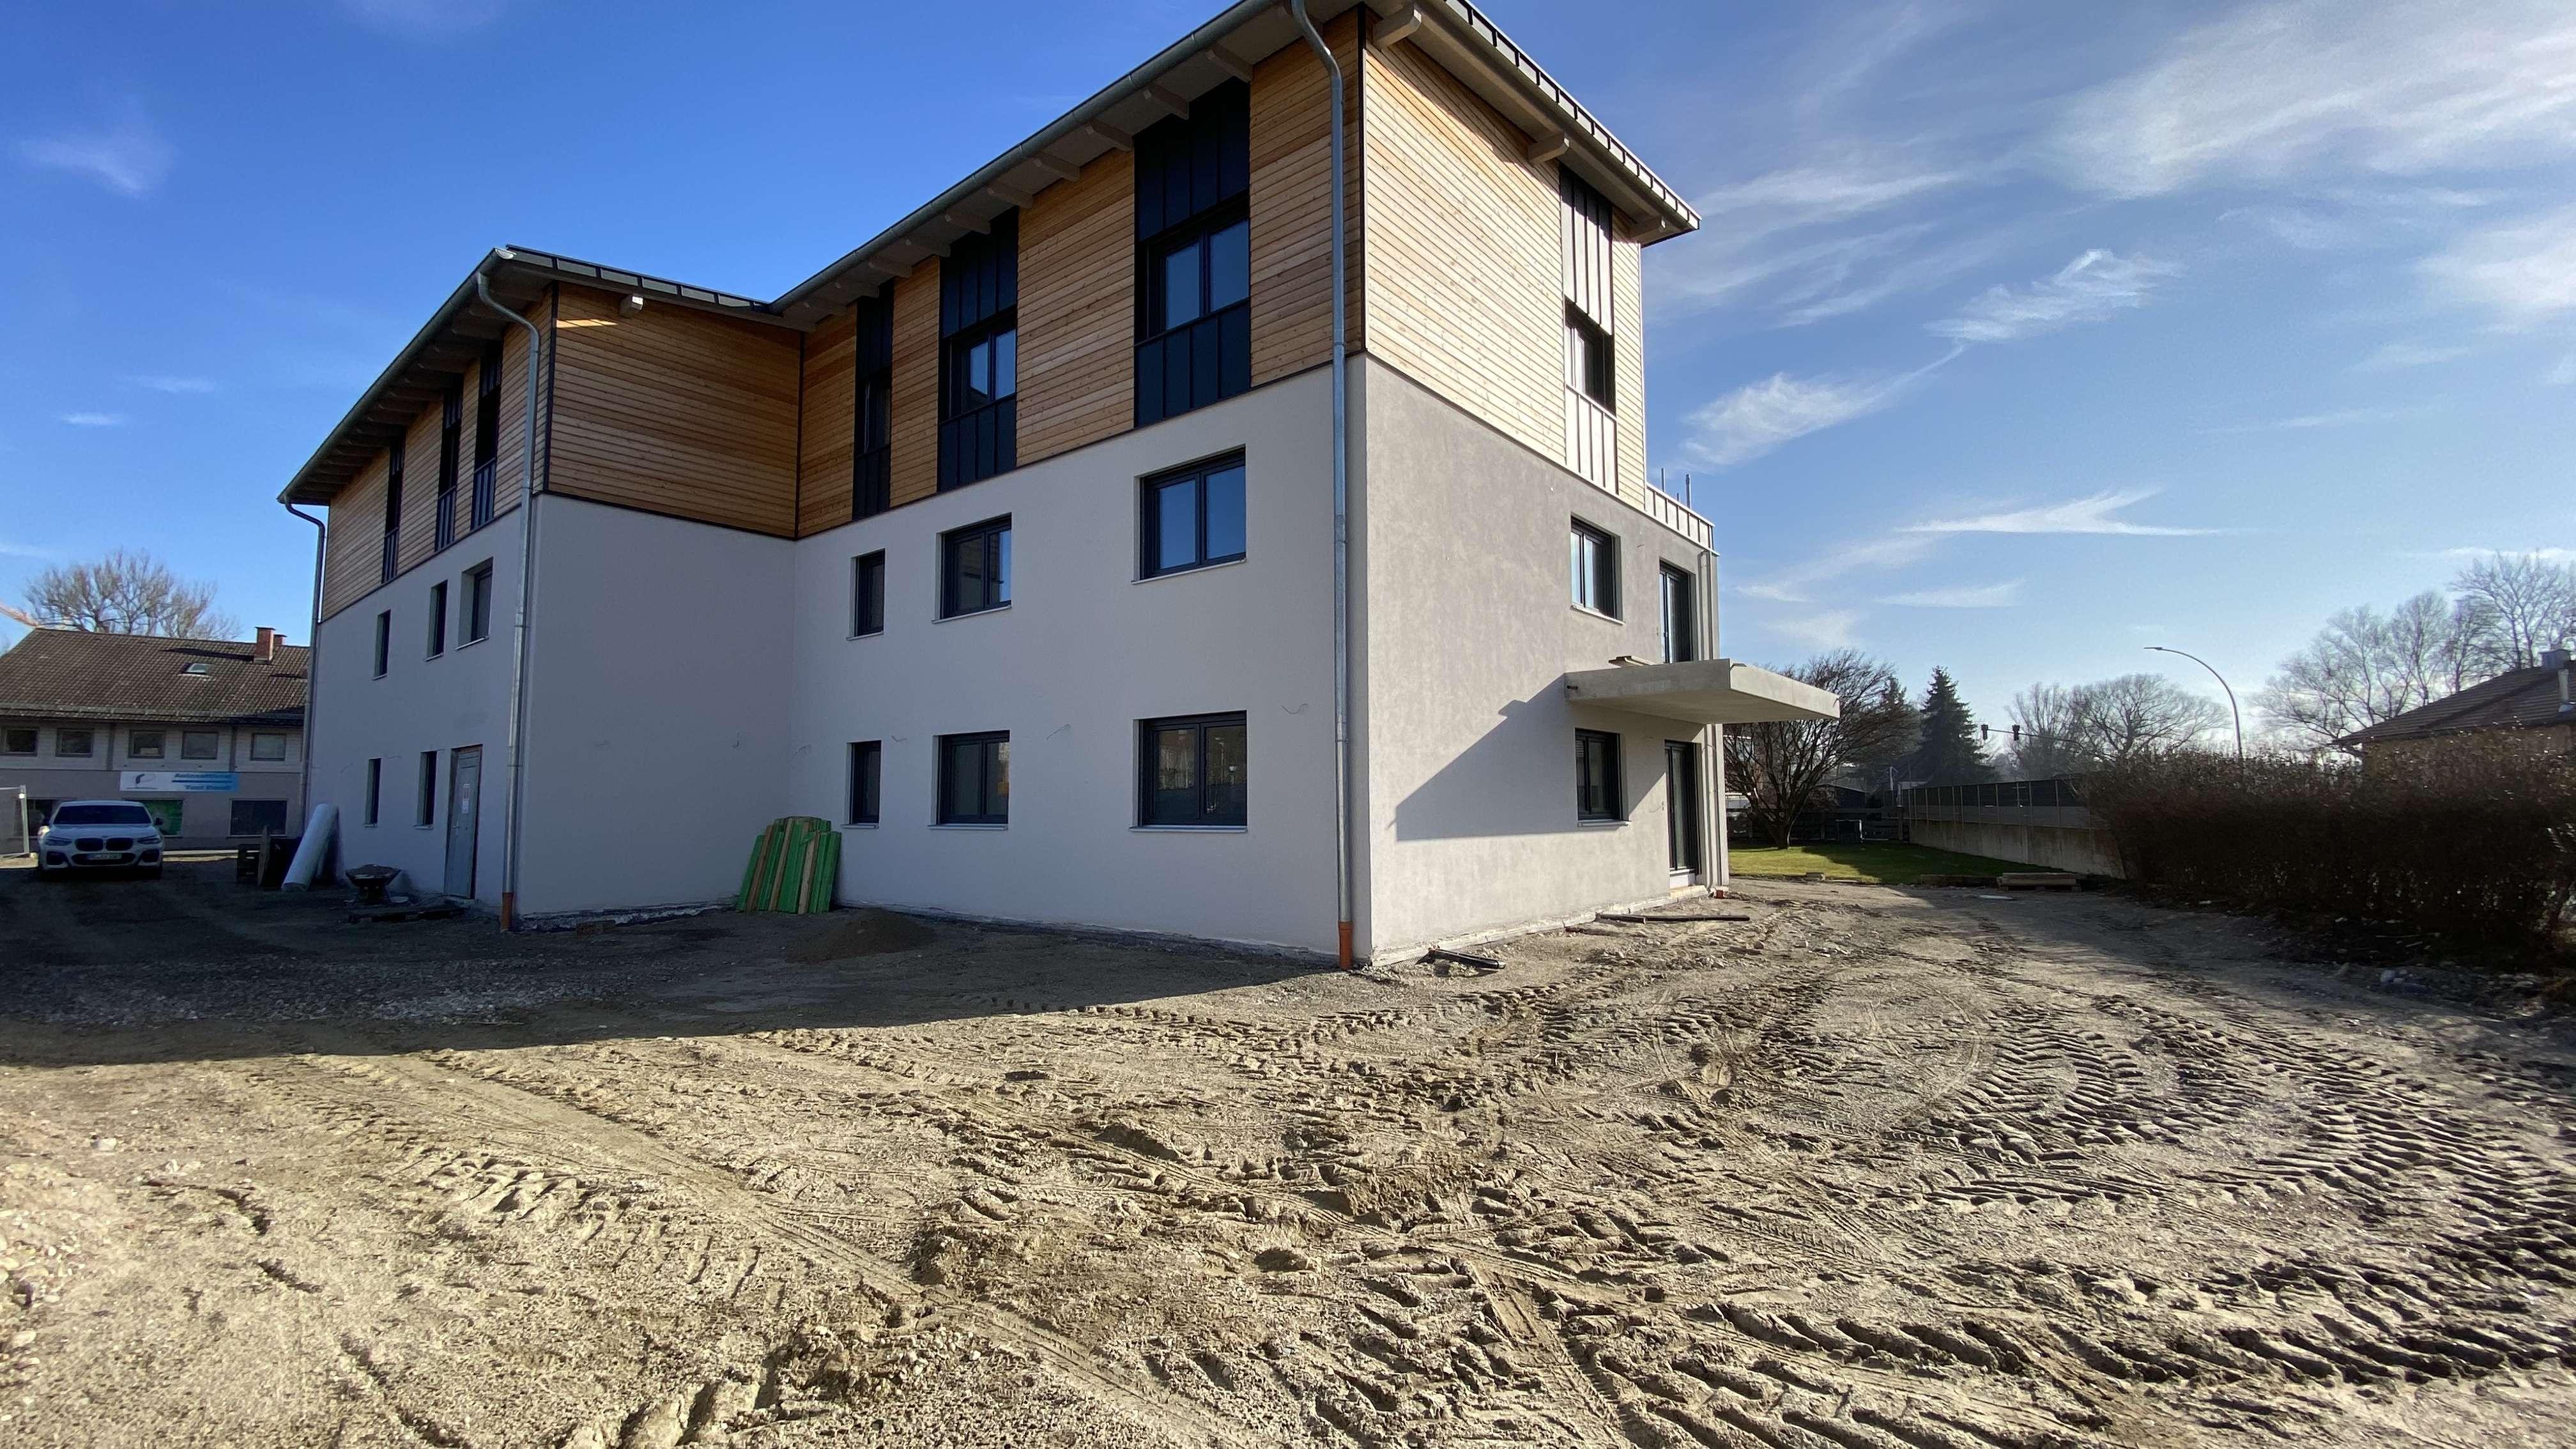 ... AIGNER - moderne gehobene 3-Zi-OG Neubauwohnung mit Südbalkon und EBK ... in Mühldorf am Inn